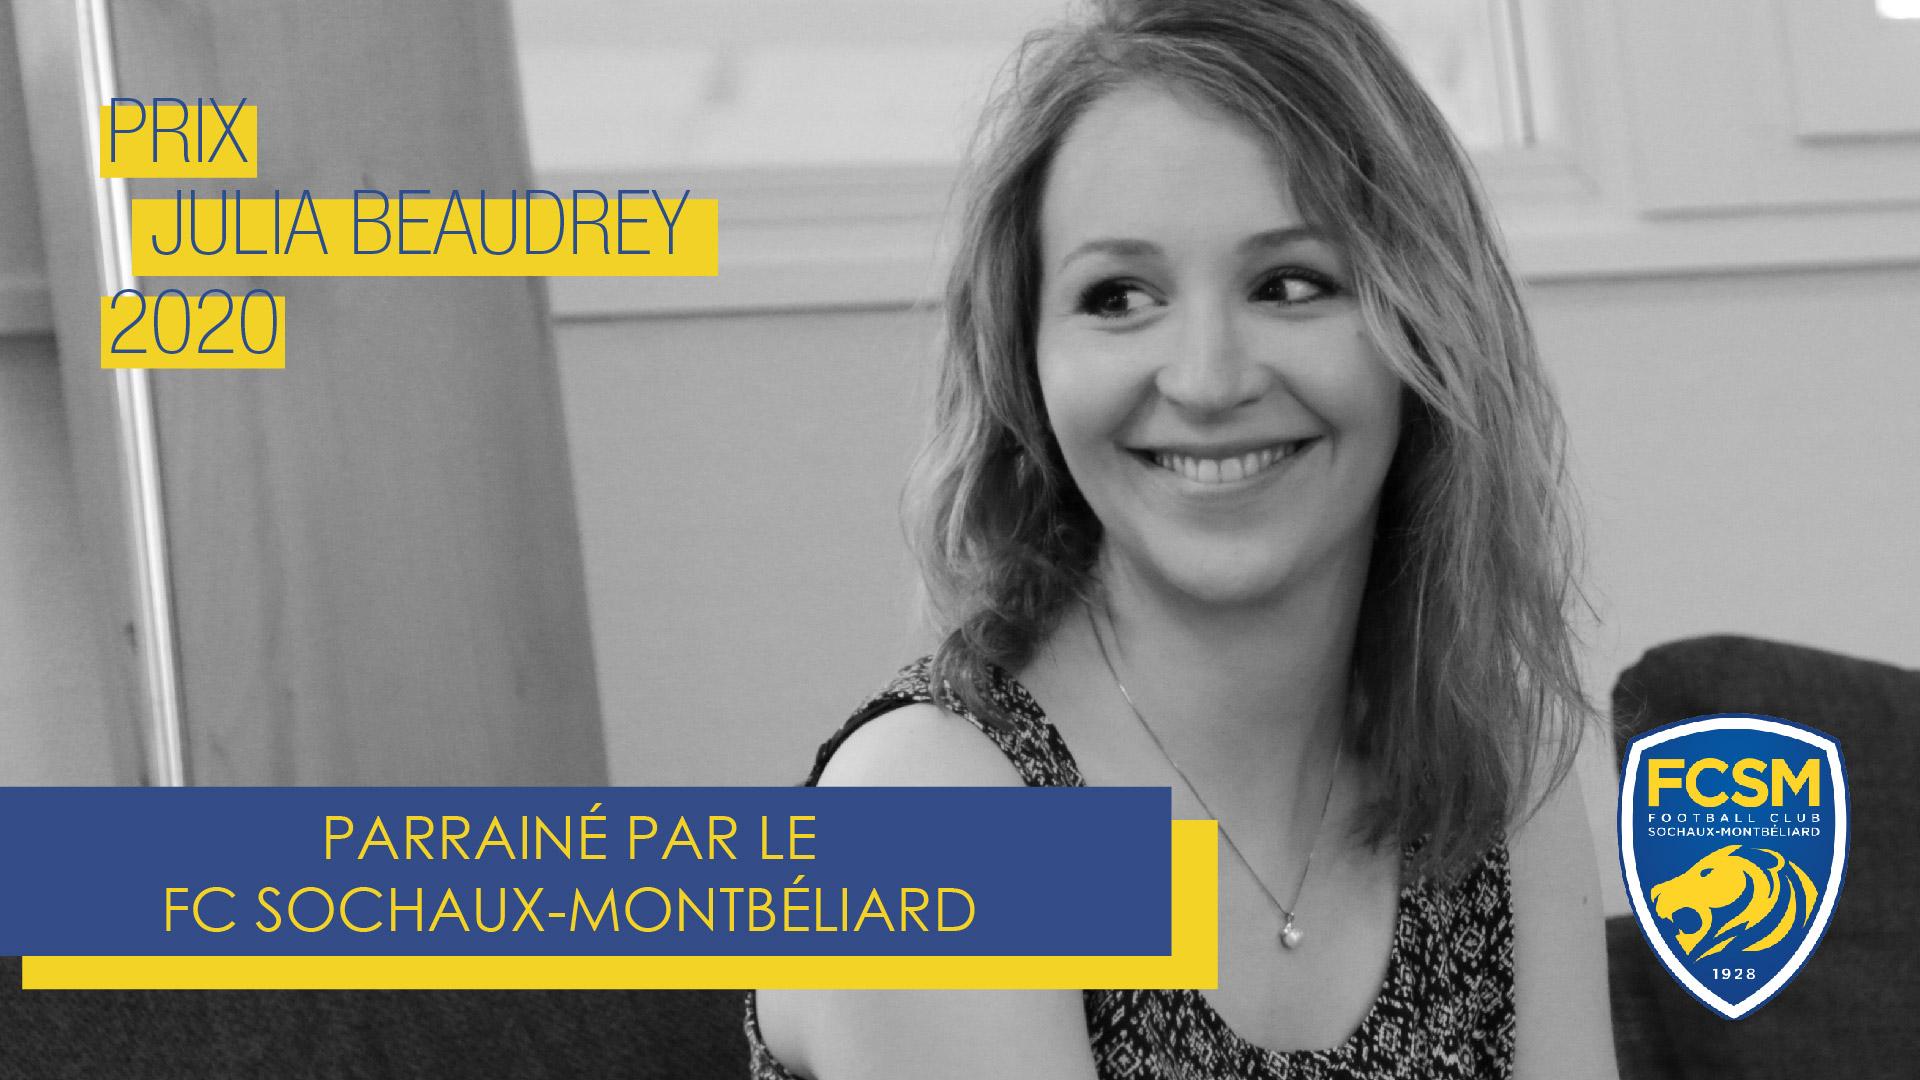 Pour la 4e année, le FCSM organise le prix Julia-Baudrey. Il récompense une association étudiante qui œuvre pour défendre des valeurs de solidarité et d'ouverture.